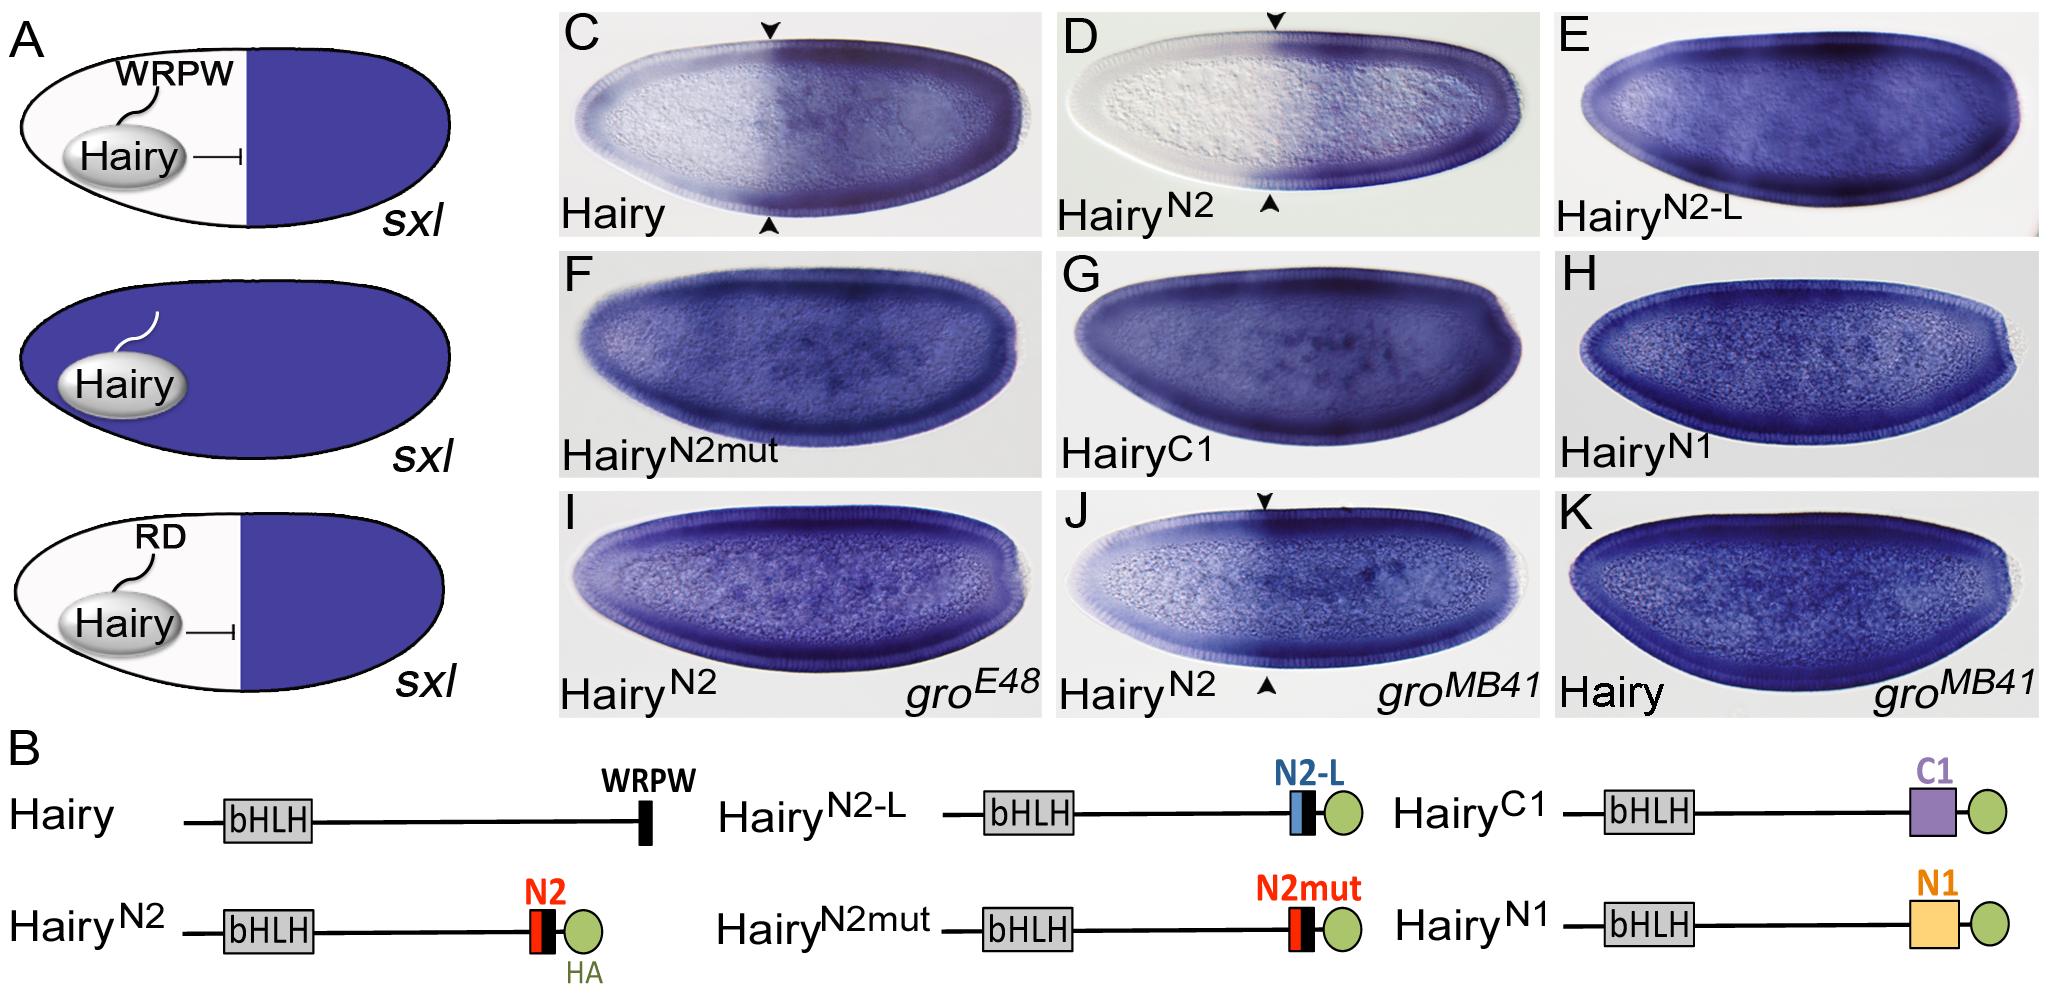 N2 is a Gro-dependent repressor motif.